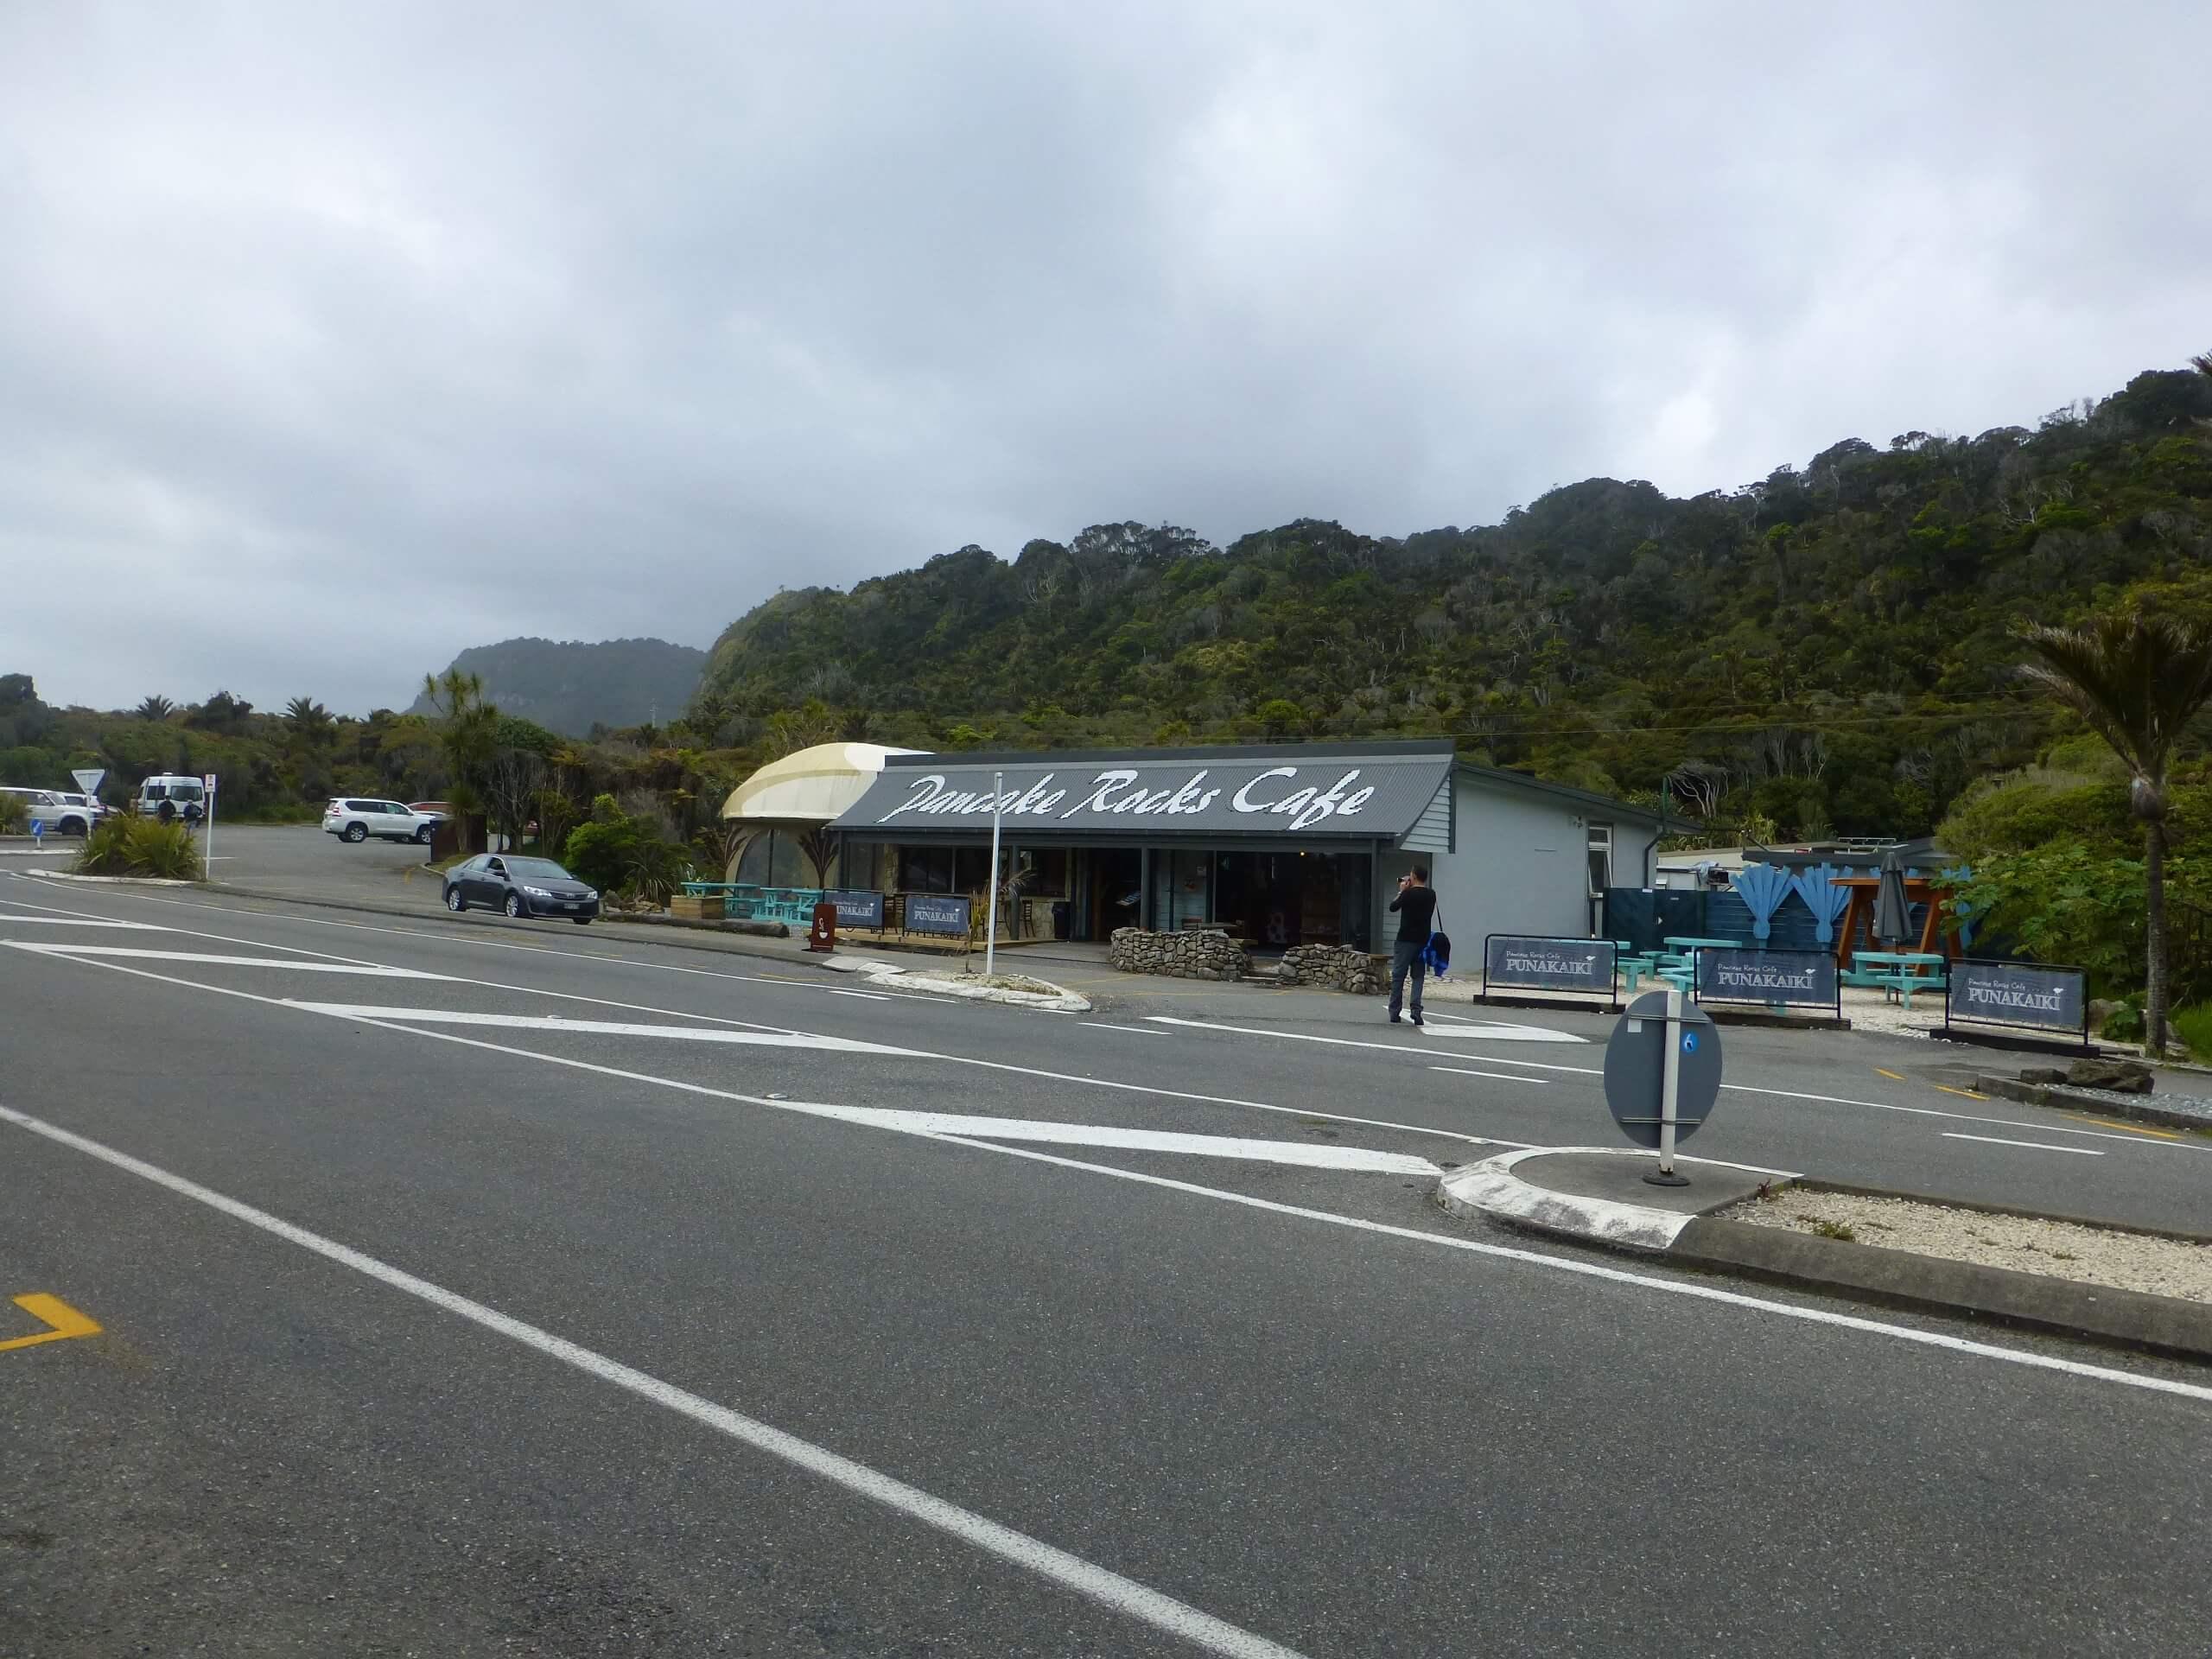 Neuseeland, Pancake Rocks Cafe 1